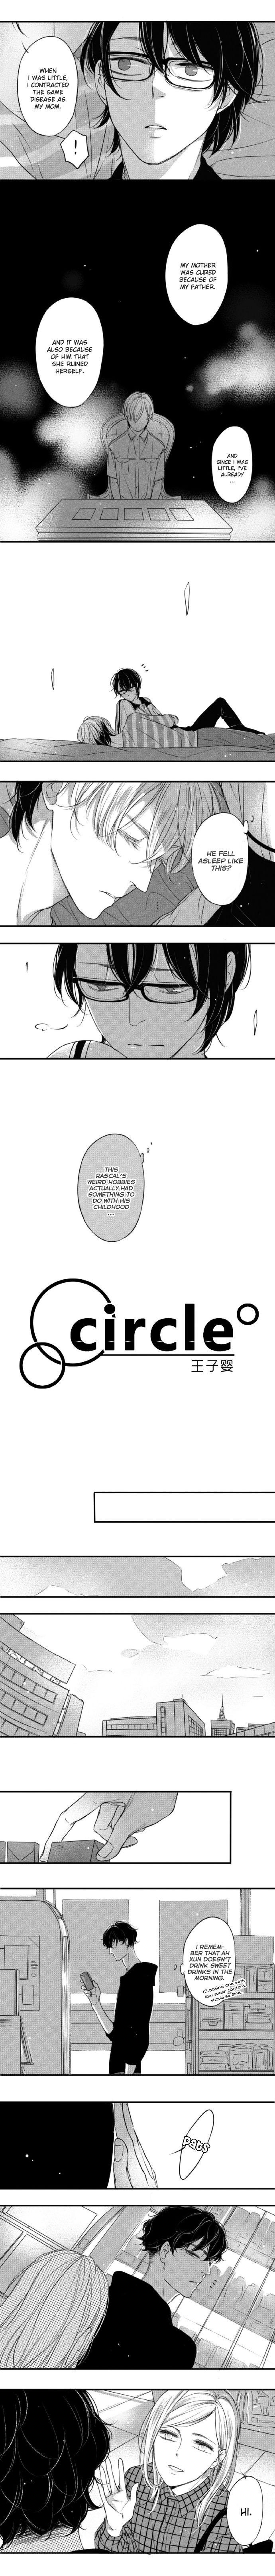 Circle (WANG Zi Ying) 66 at MangaFox.la